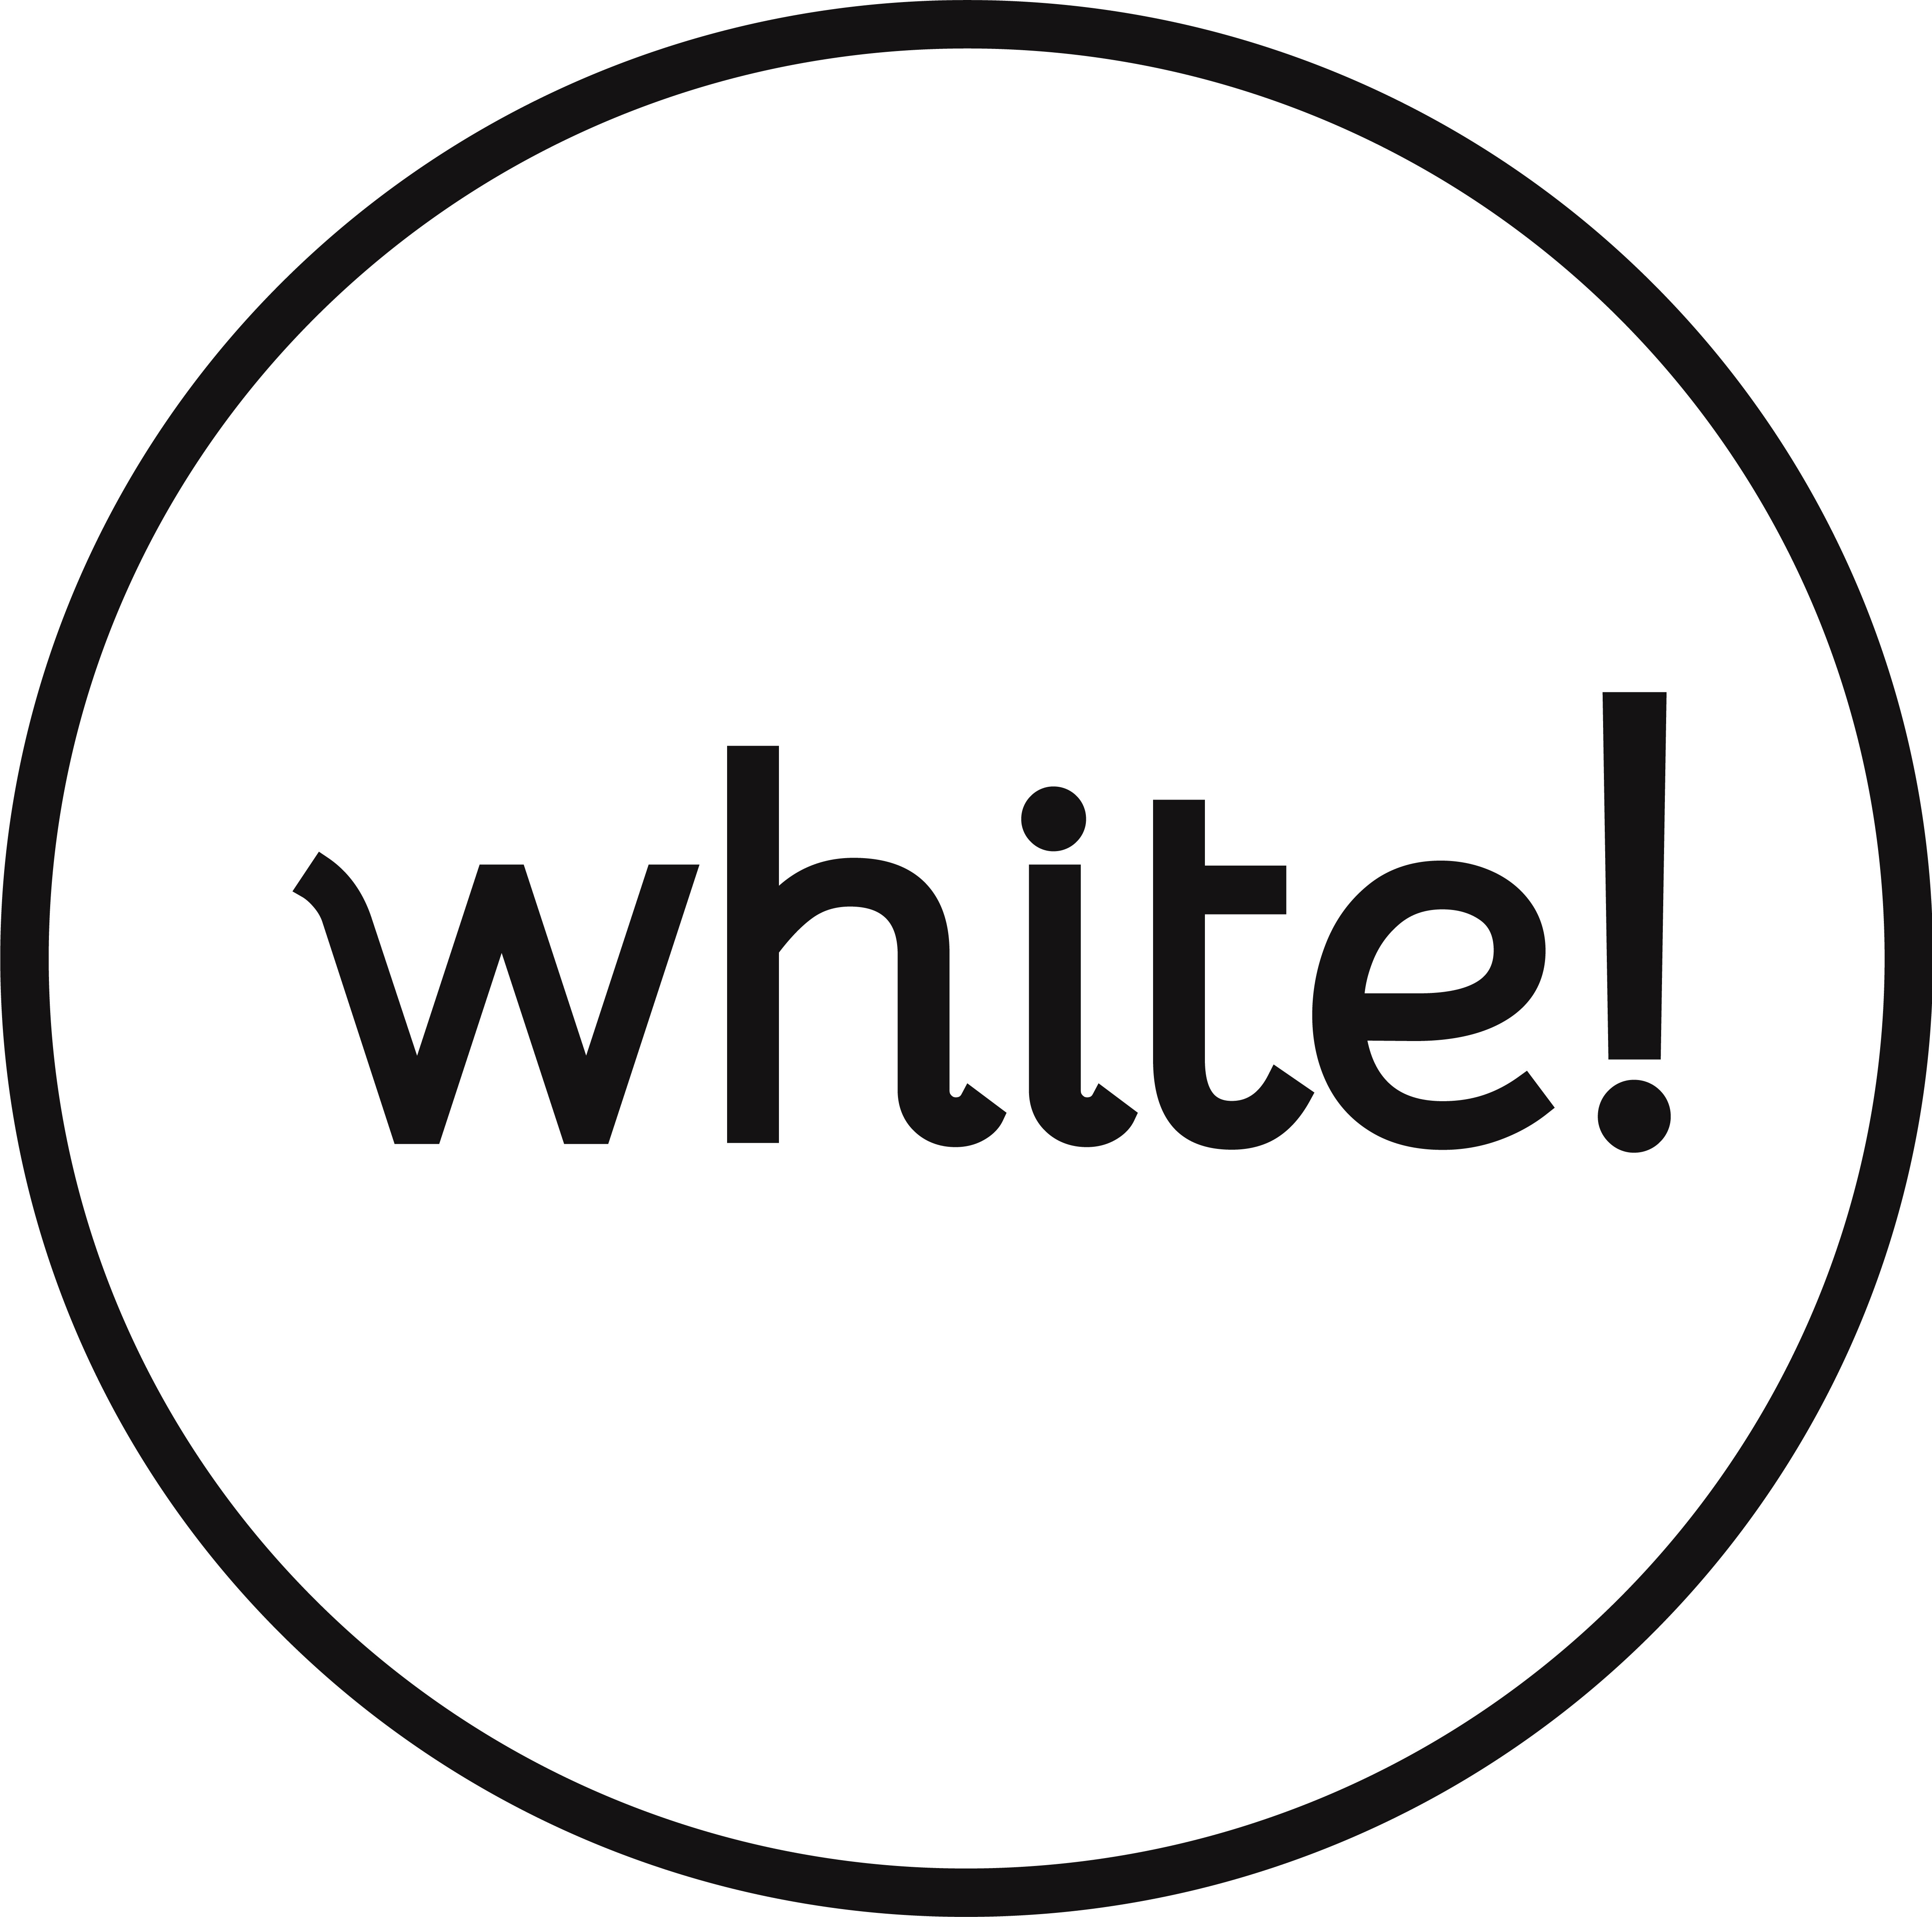 white_yt